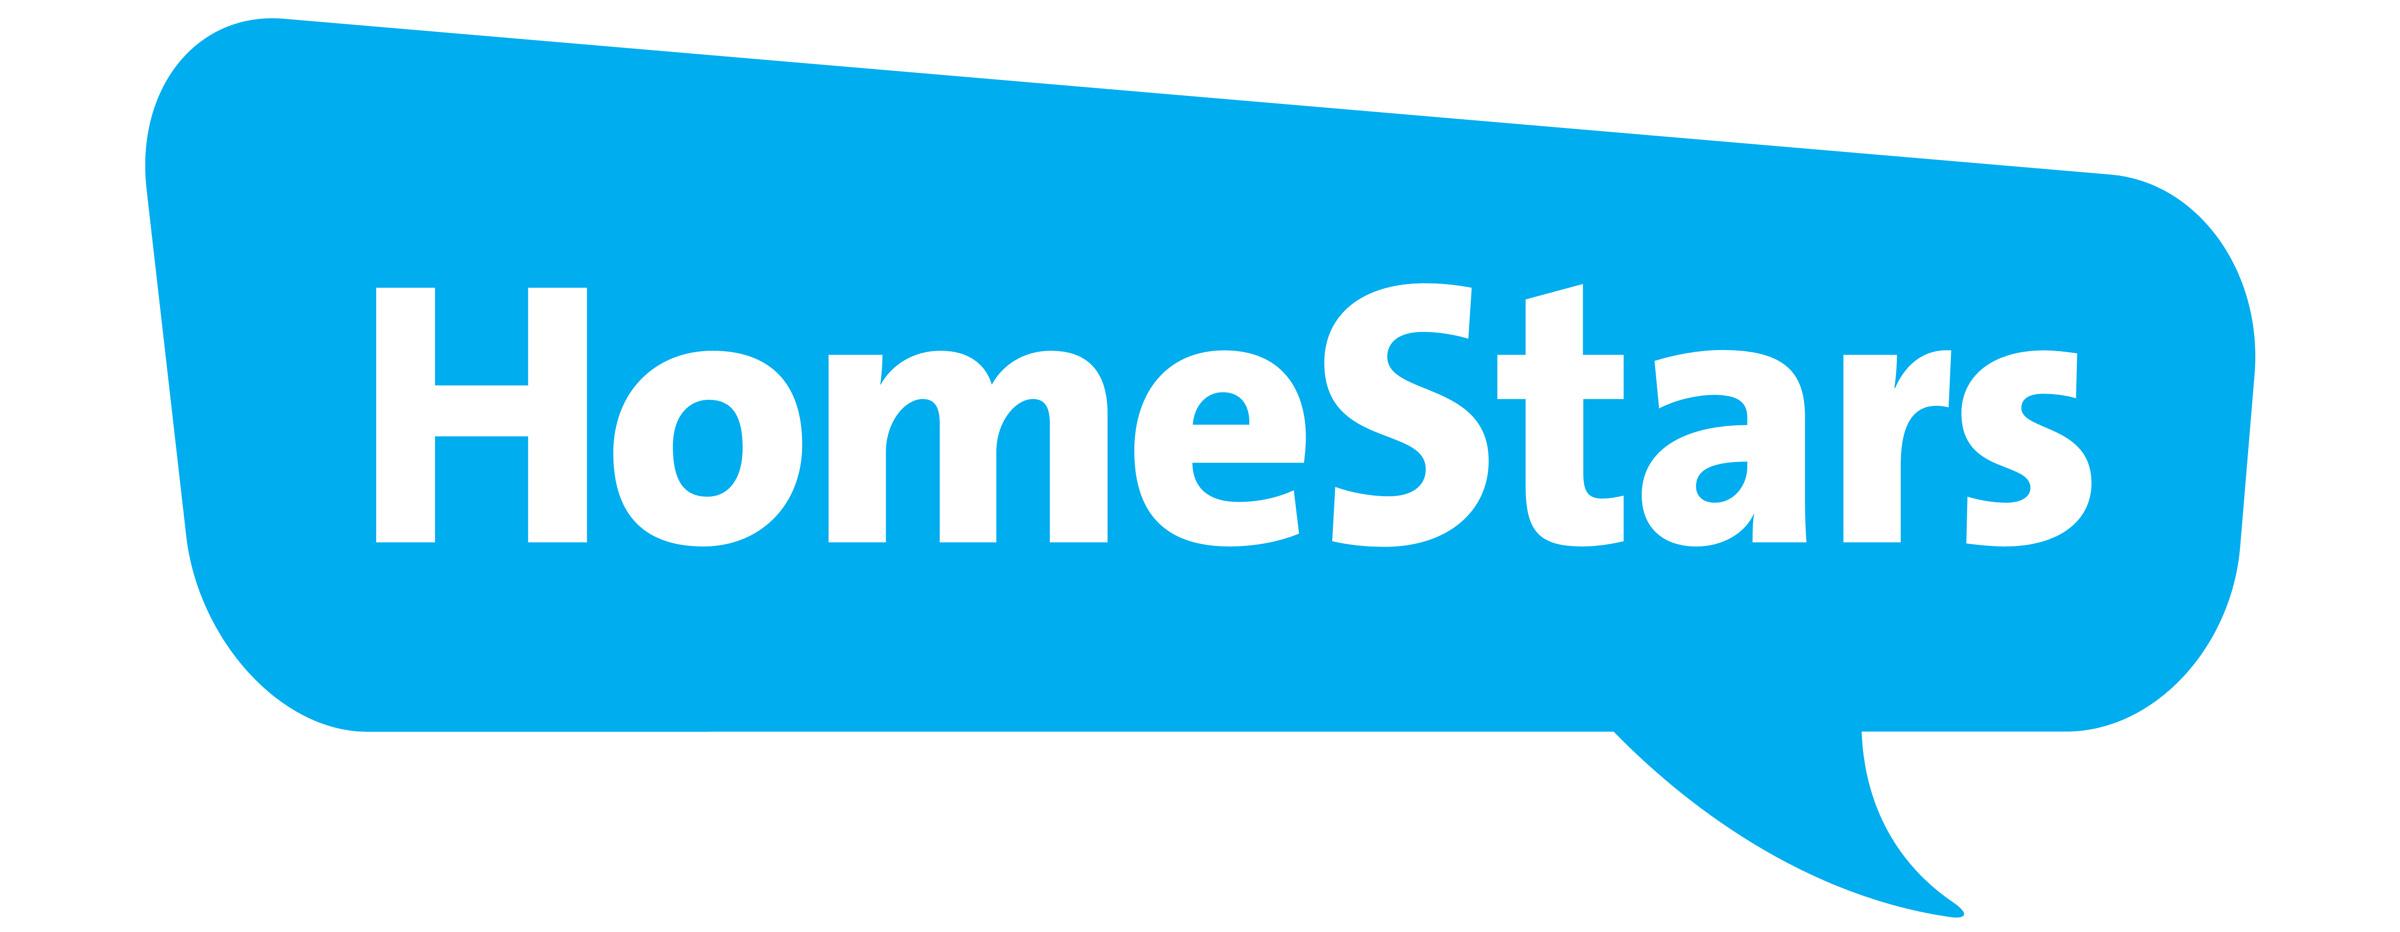 HomeStars_logo